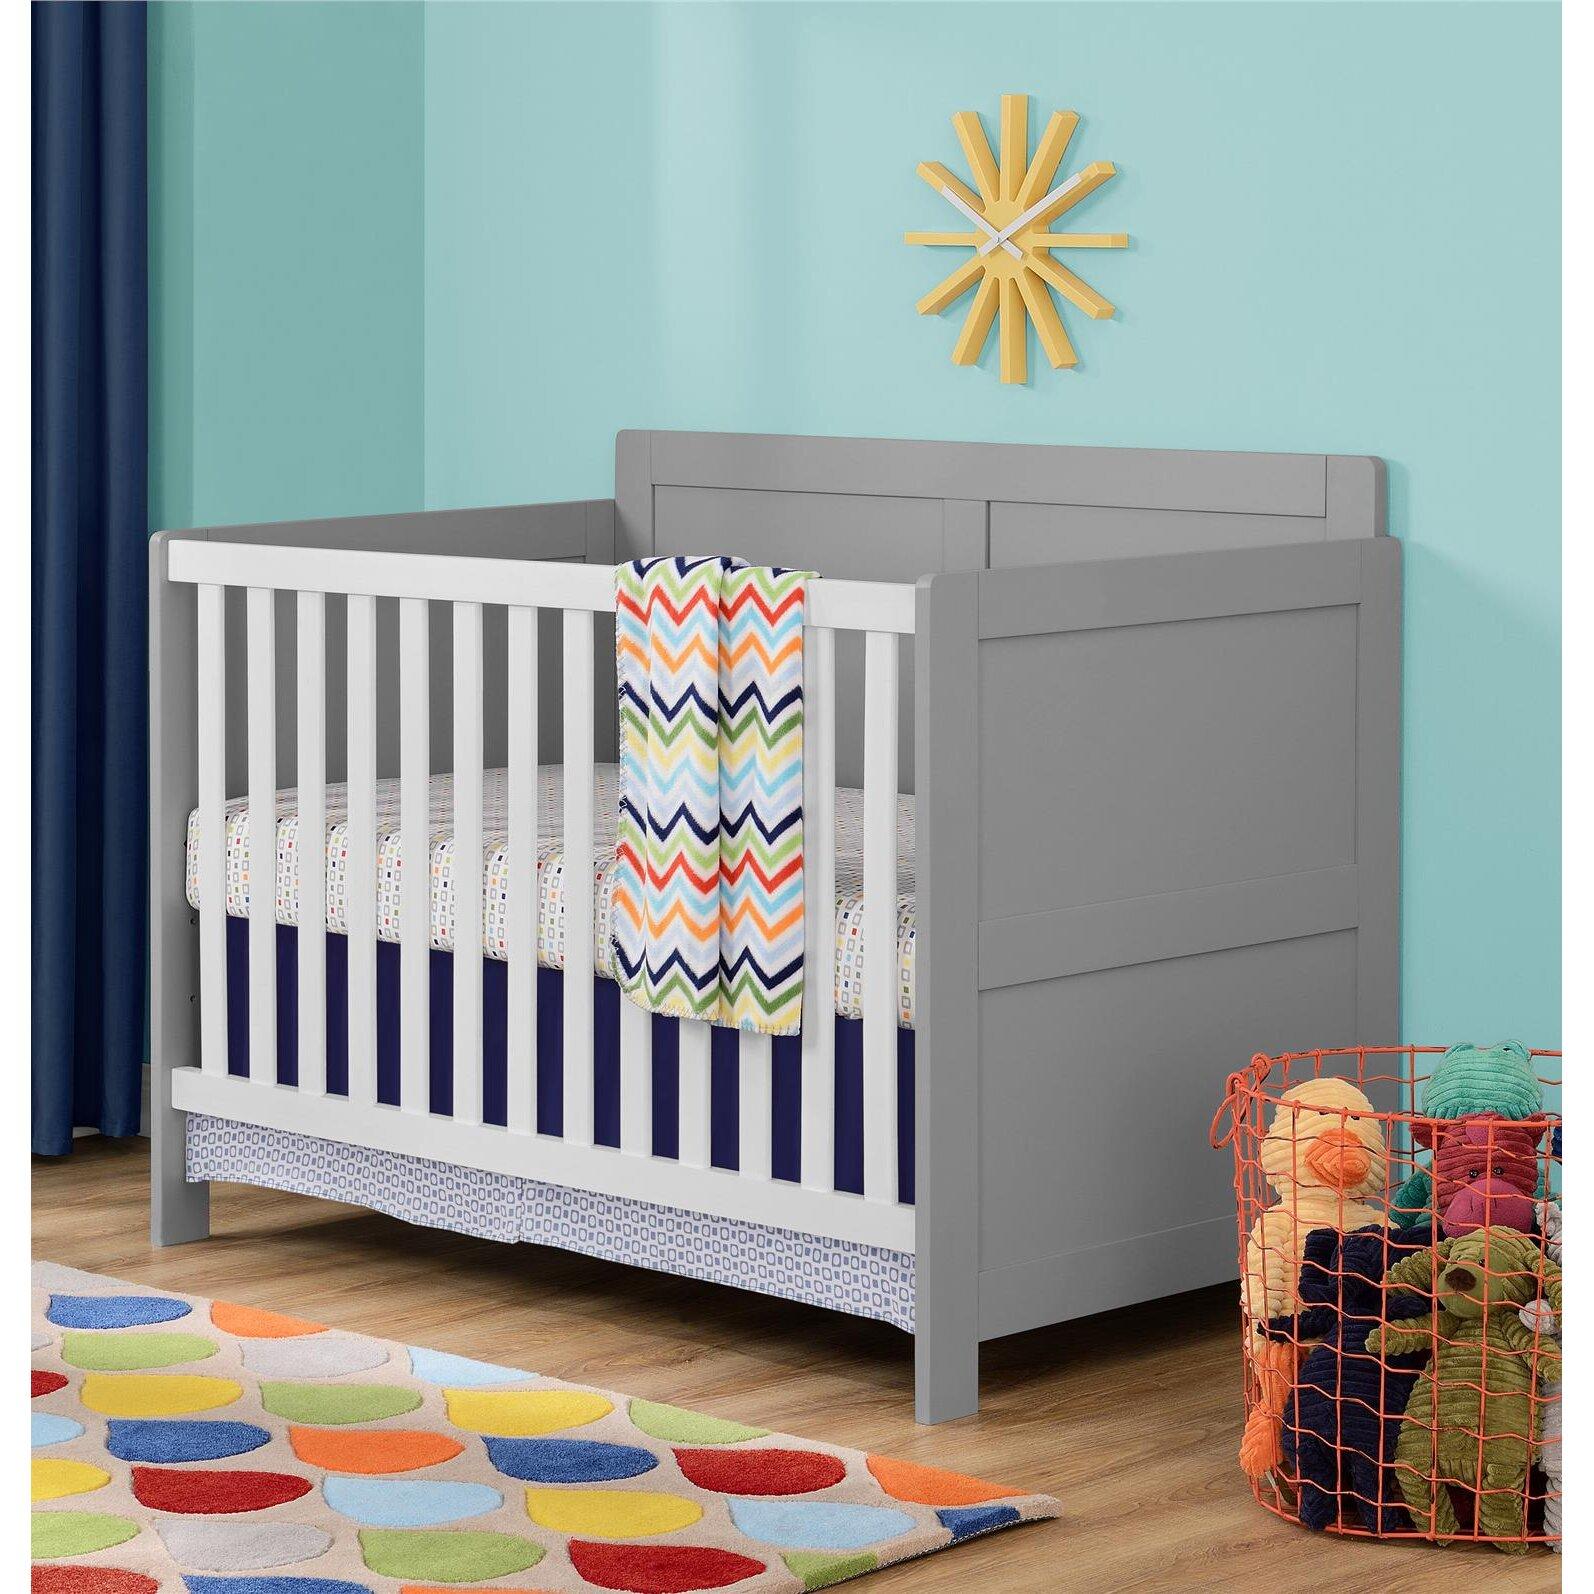 Crib for sale victoria bc - Viv Rae Trade Westbourne Crib